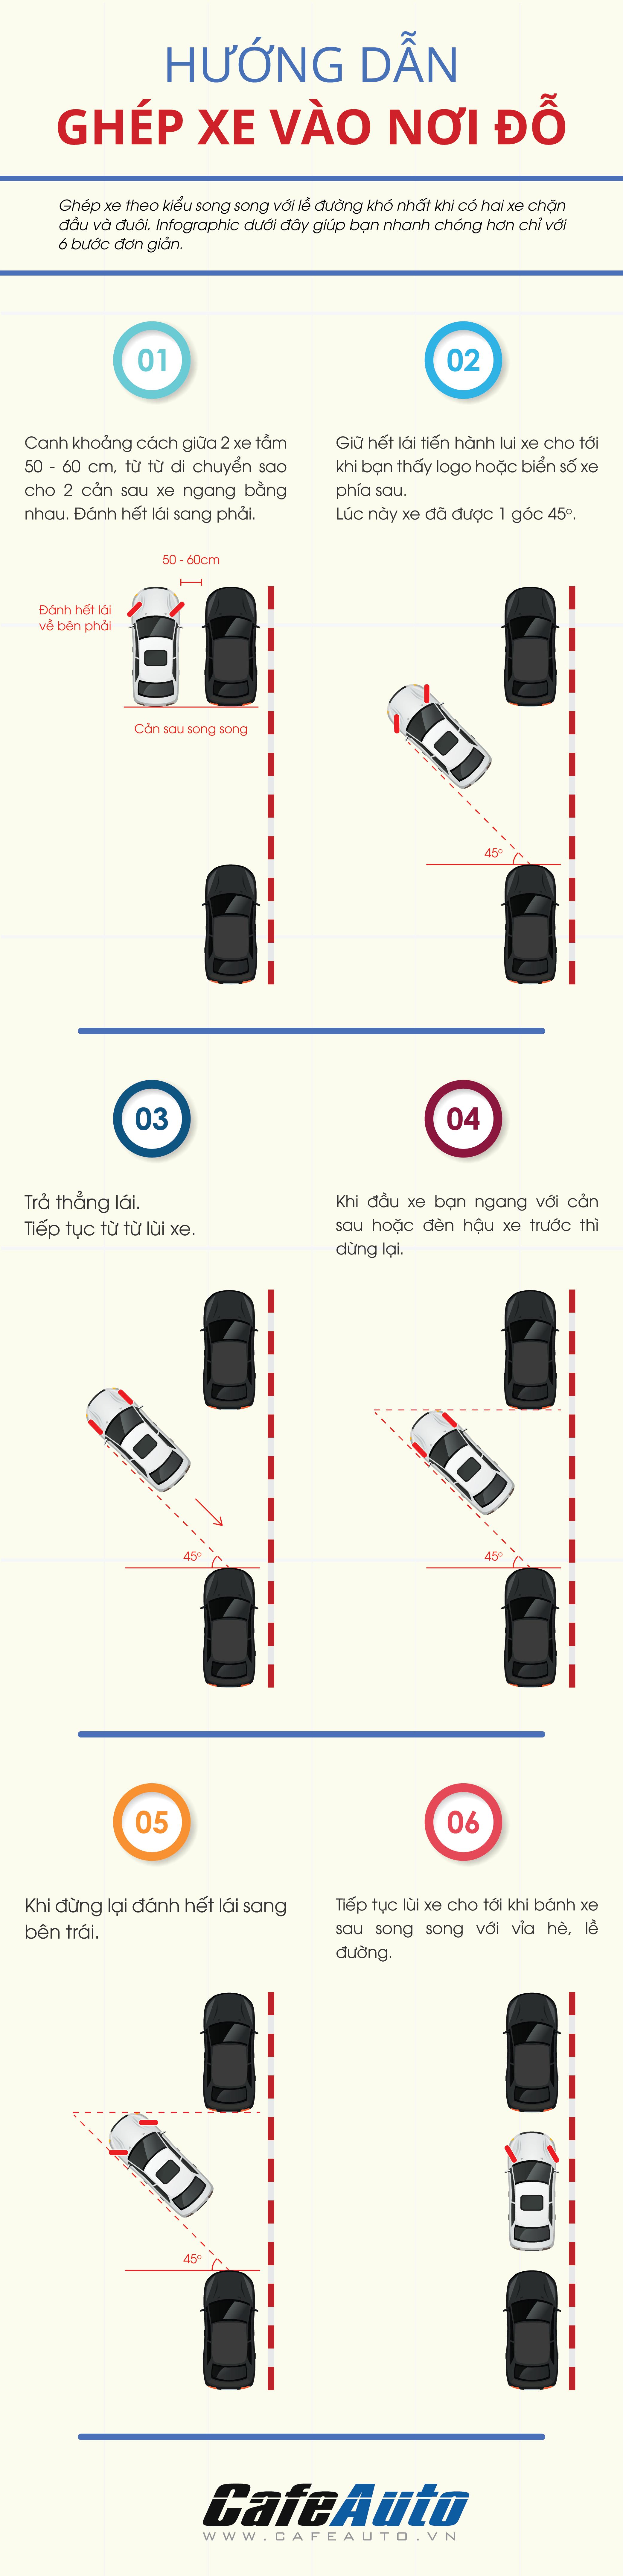 infographic-huong-dan-ghep-xe-vao-noi-do